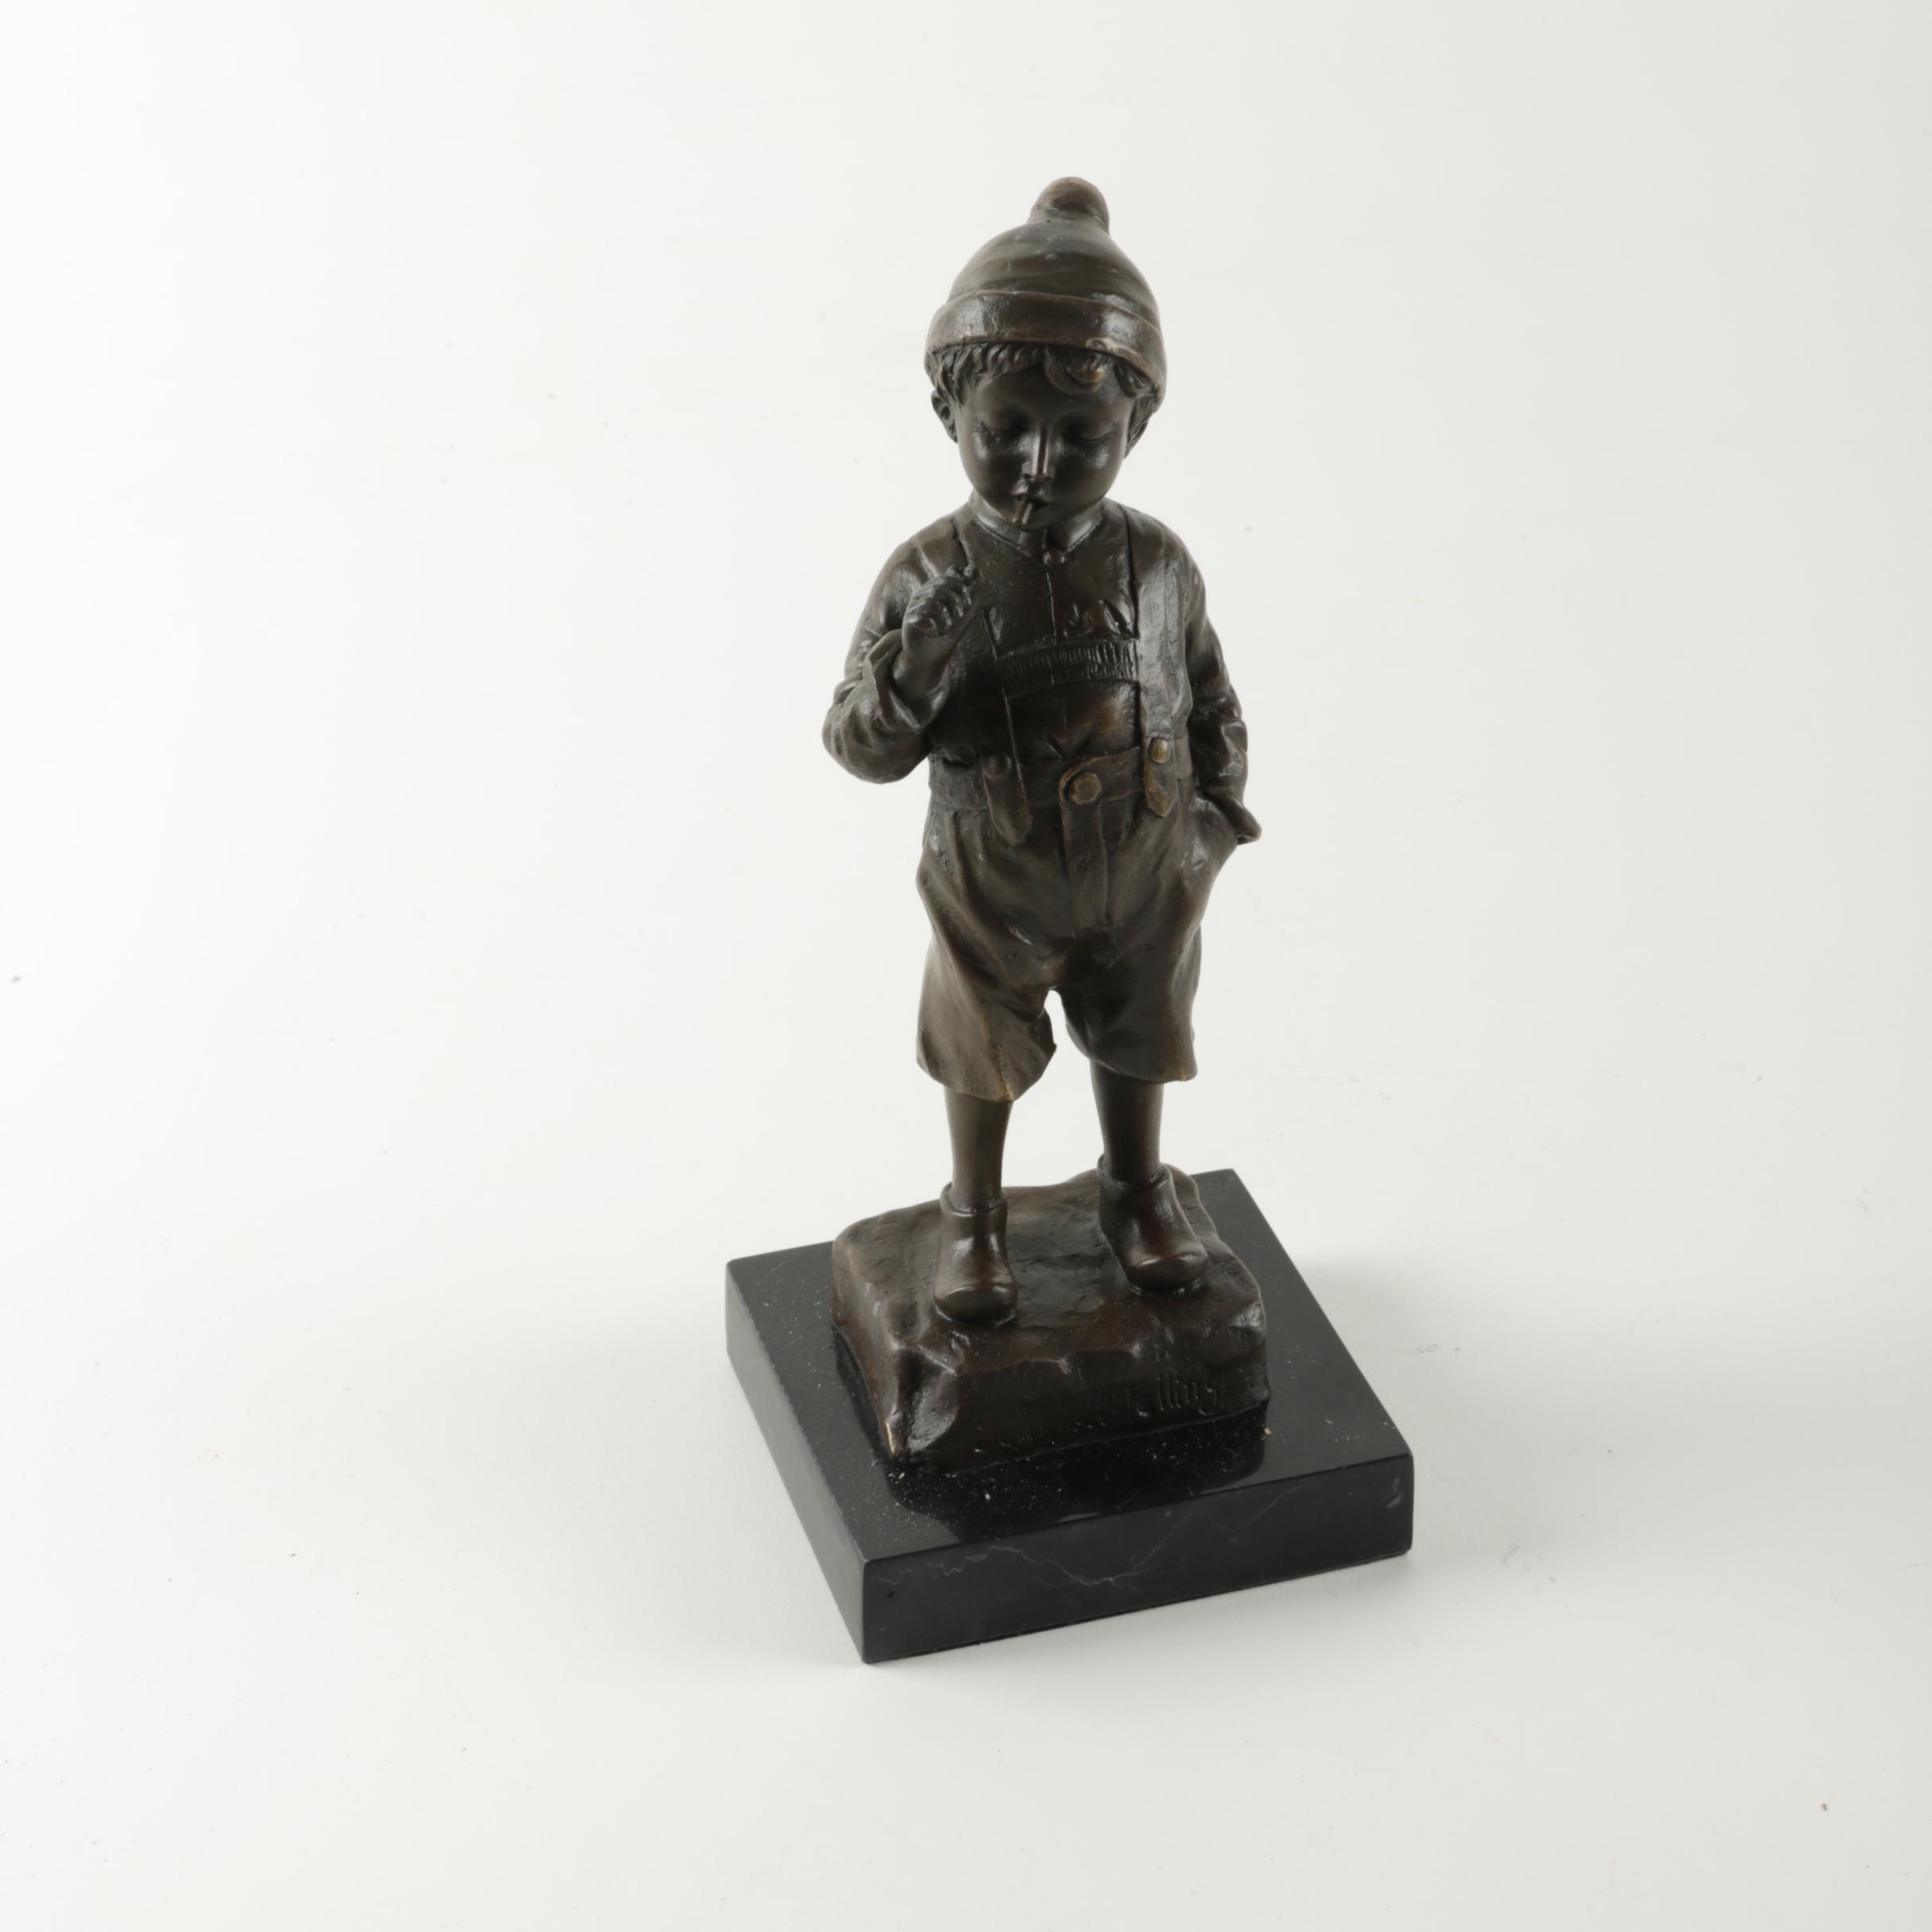 Metal Sculpture of Boy